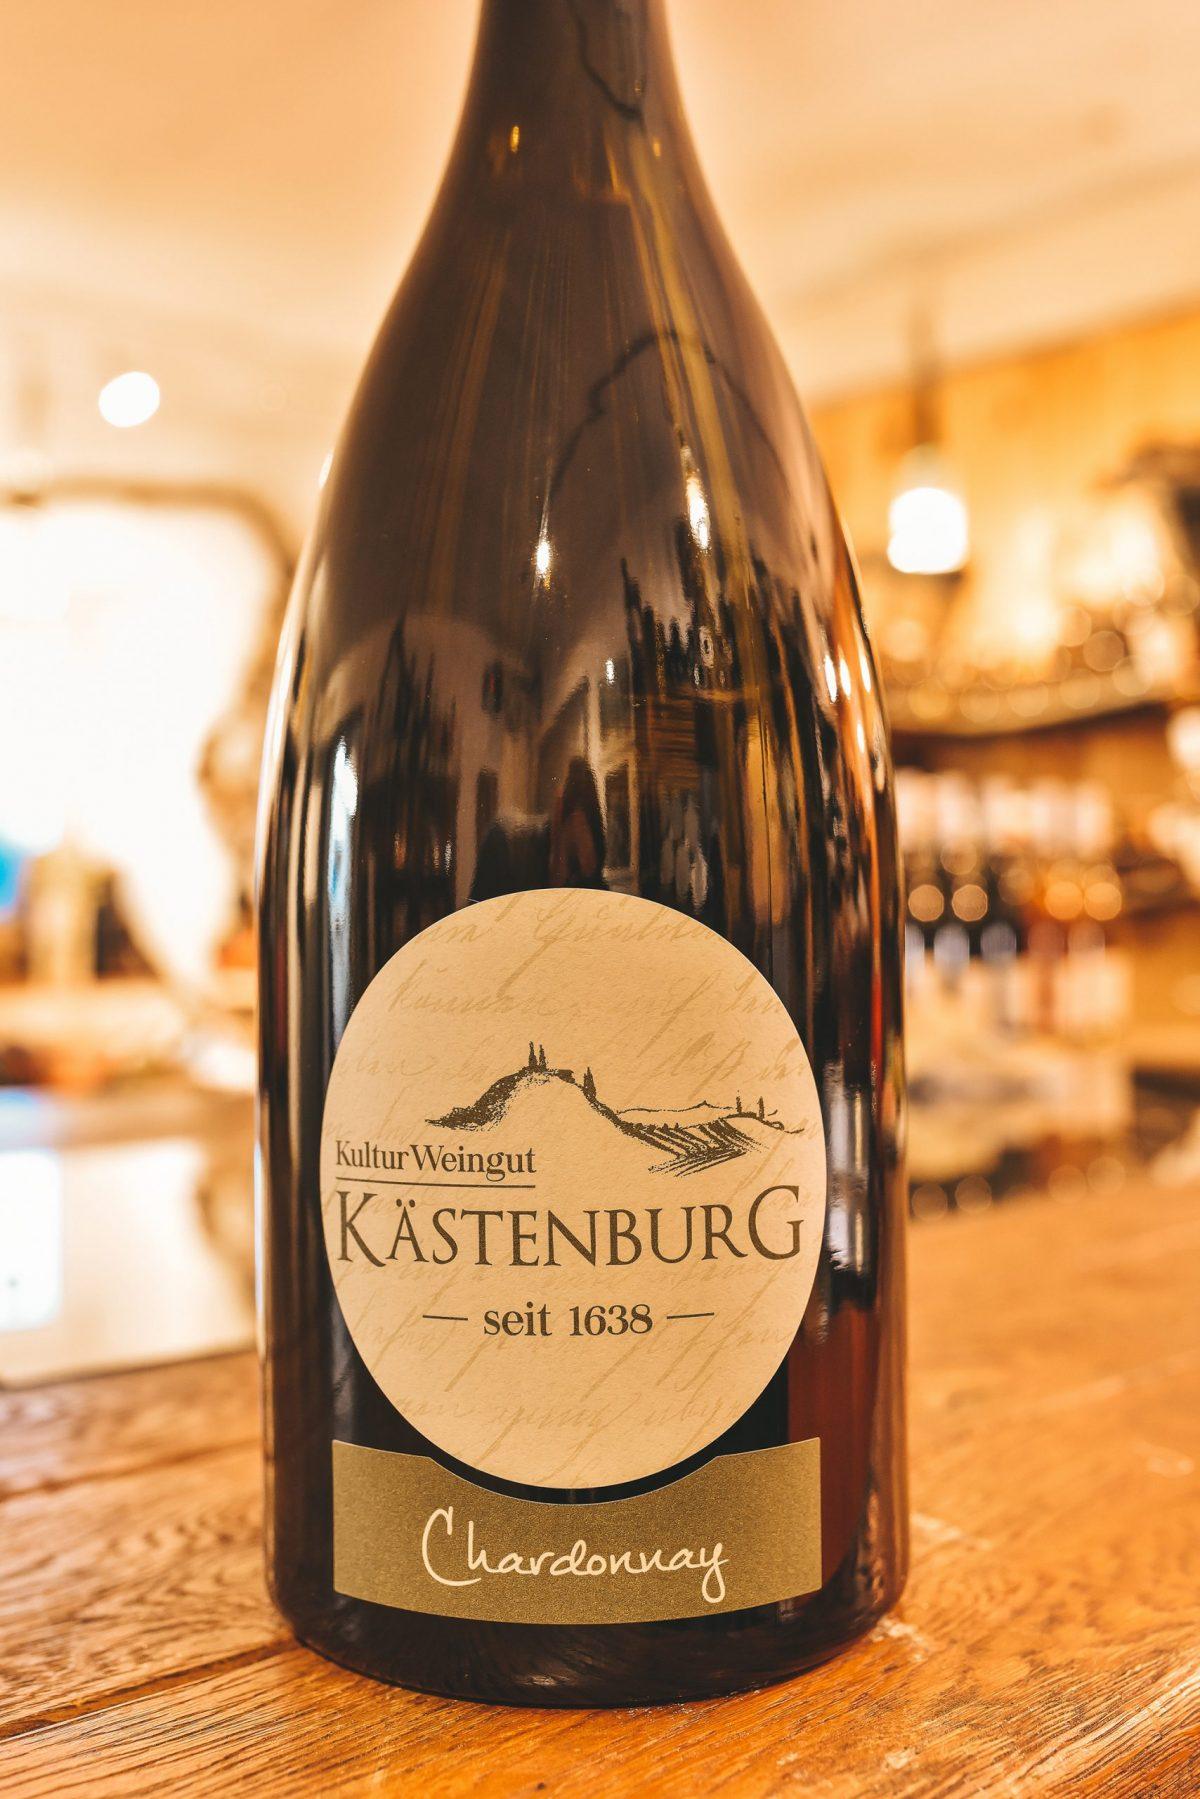 Chardonnay scaled | Kästenburg